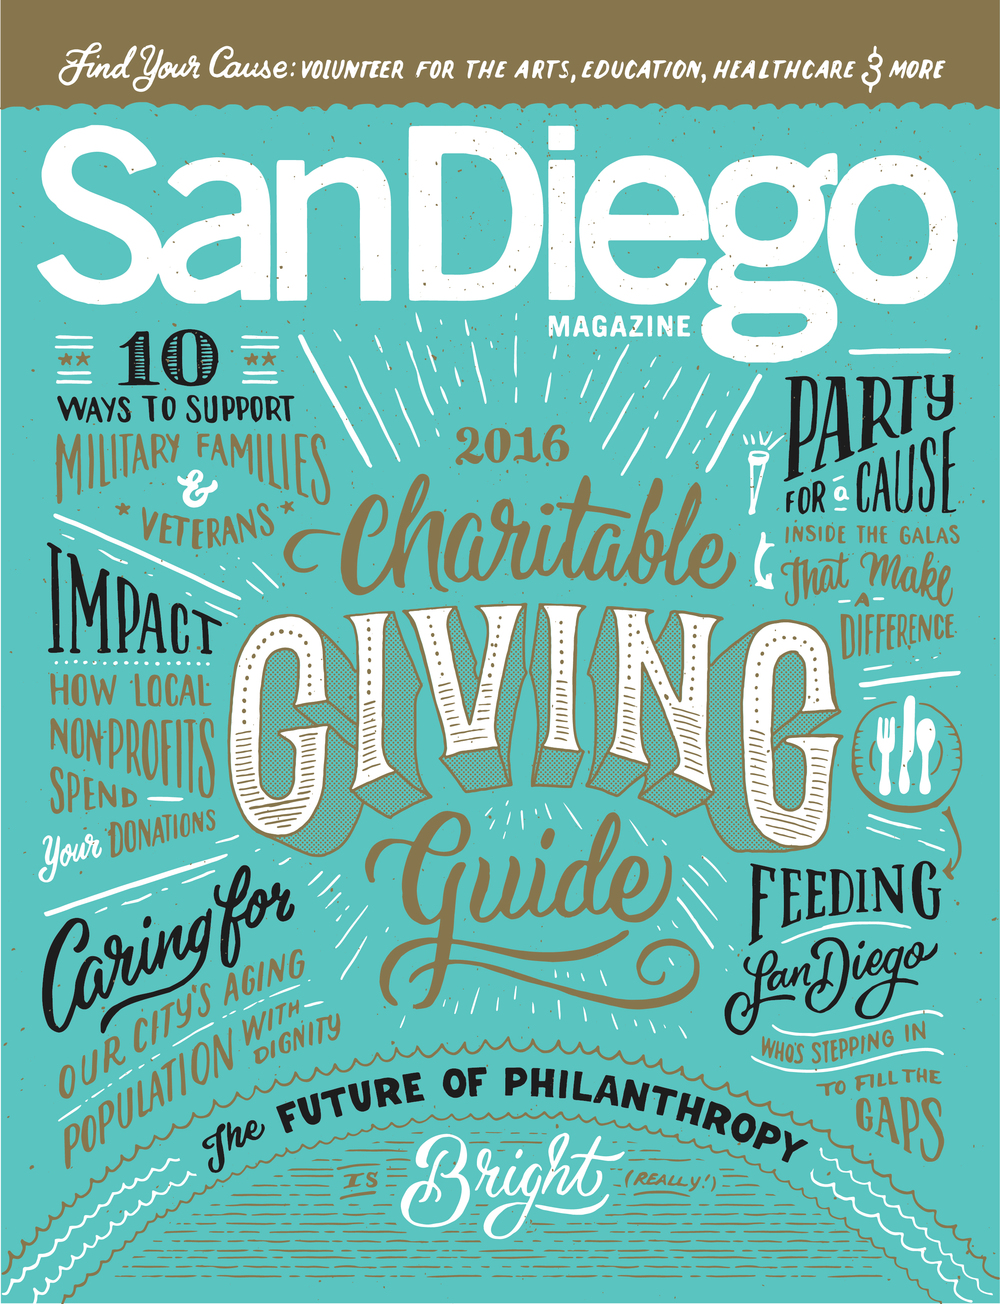 sdmag_charity_cover-01.jpg